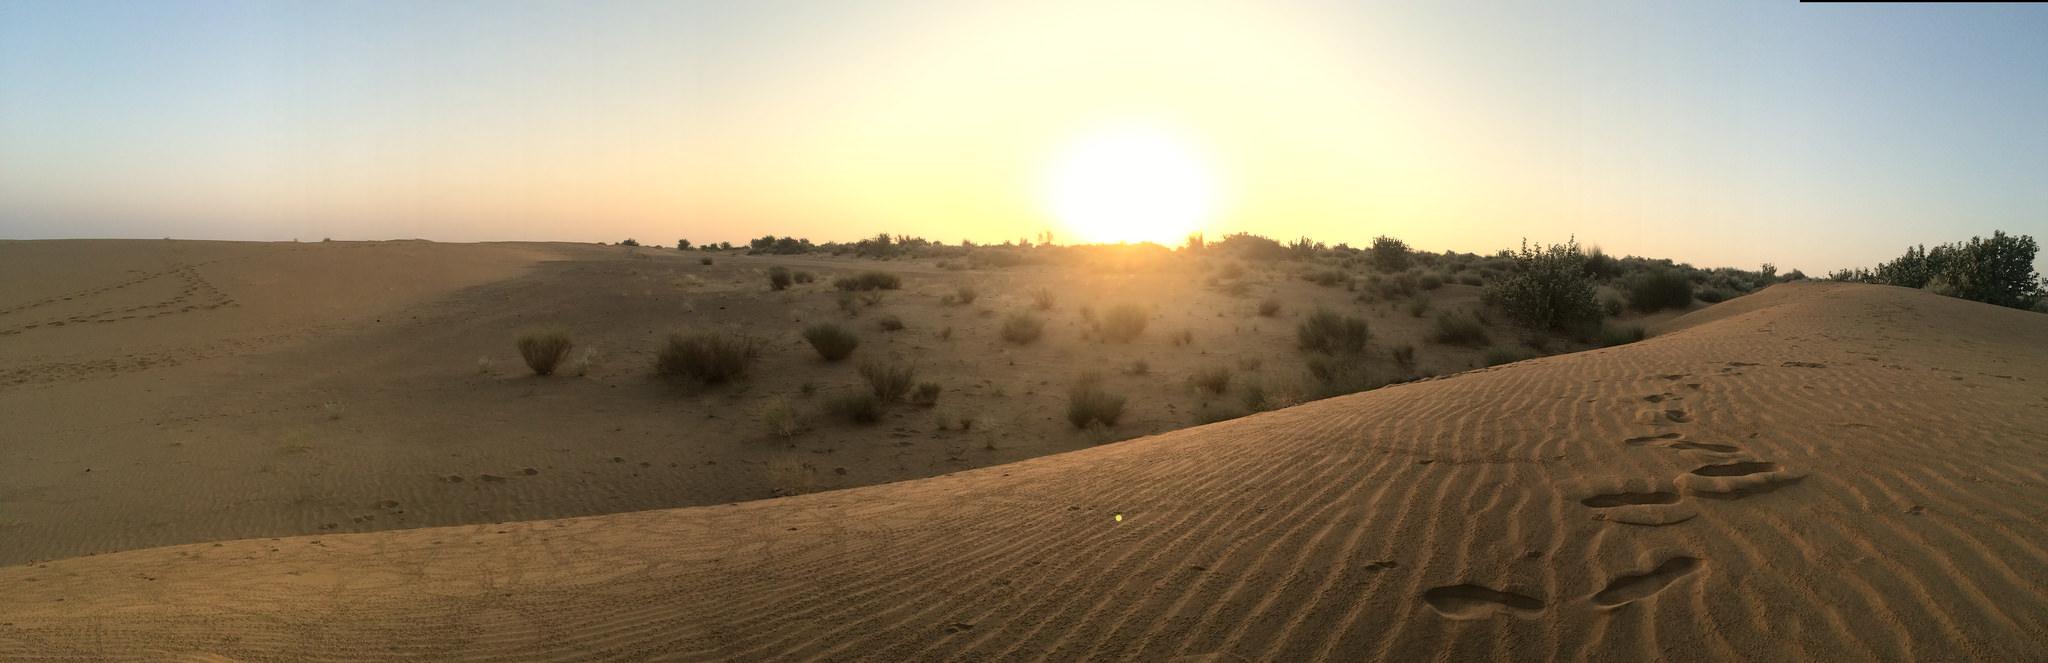 sunrise-thar-desert